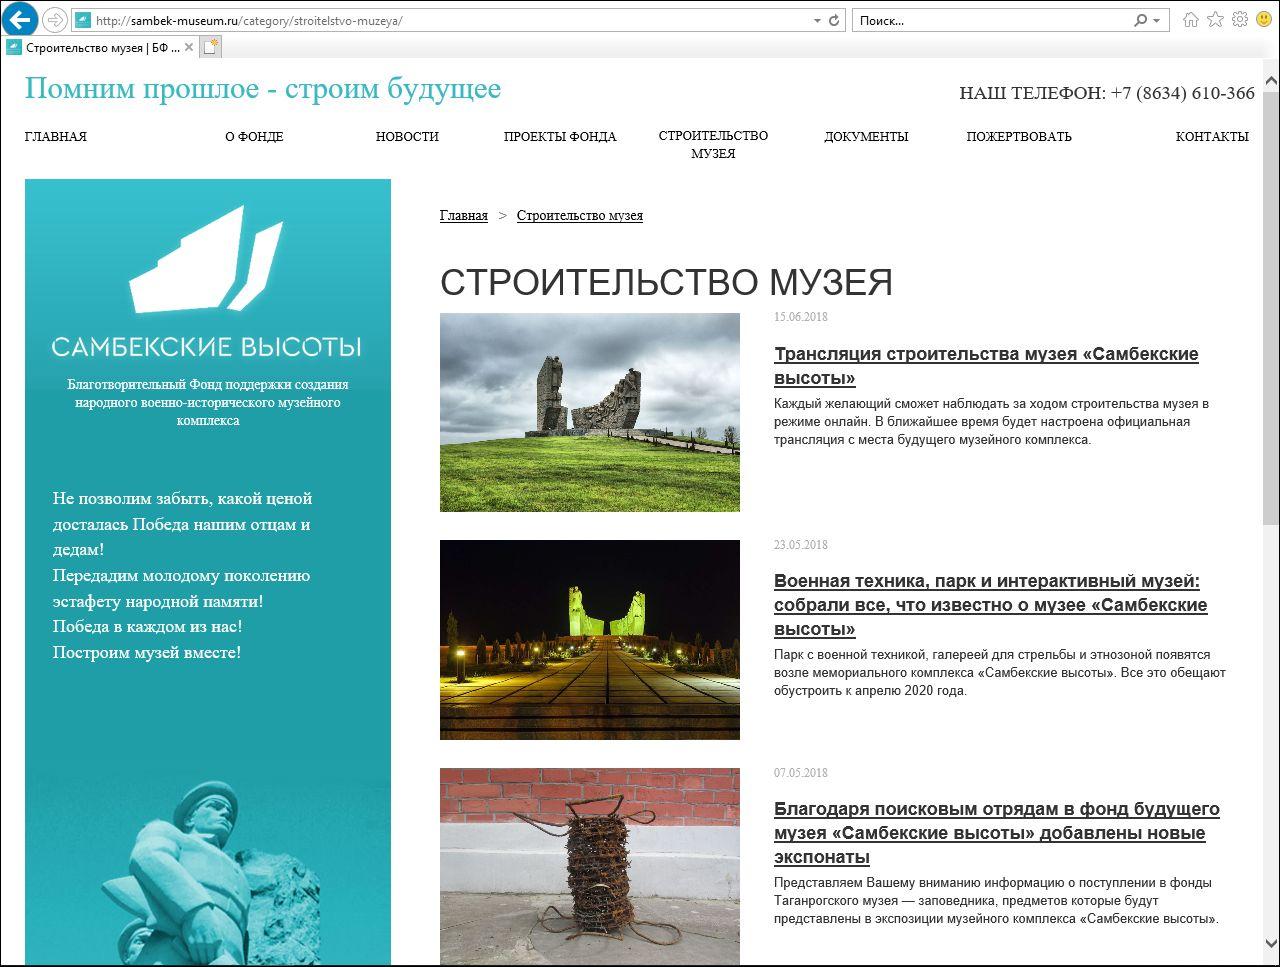 Сайт благотворительного фонда «Самбекские высоты»